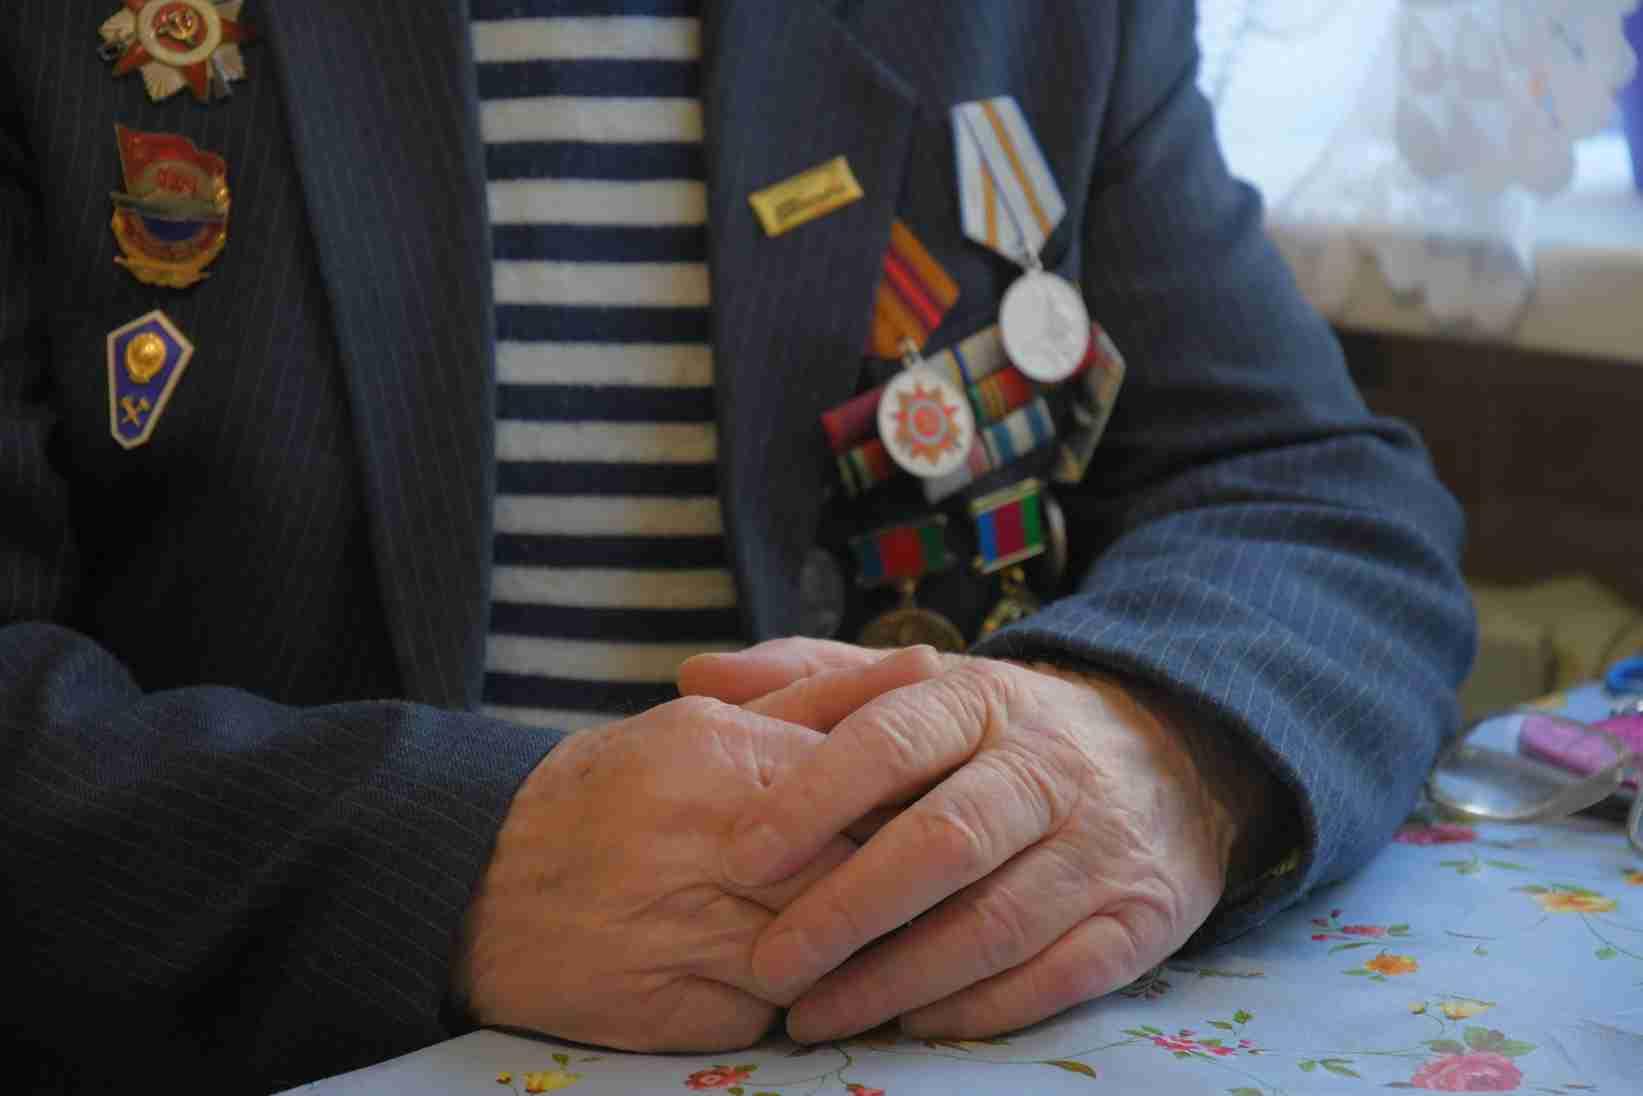 Ветеран Новороссийска поблагодарил за персональный праздник на 9 Мая